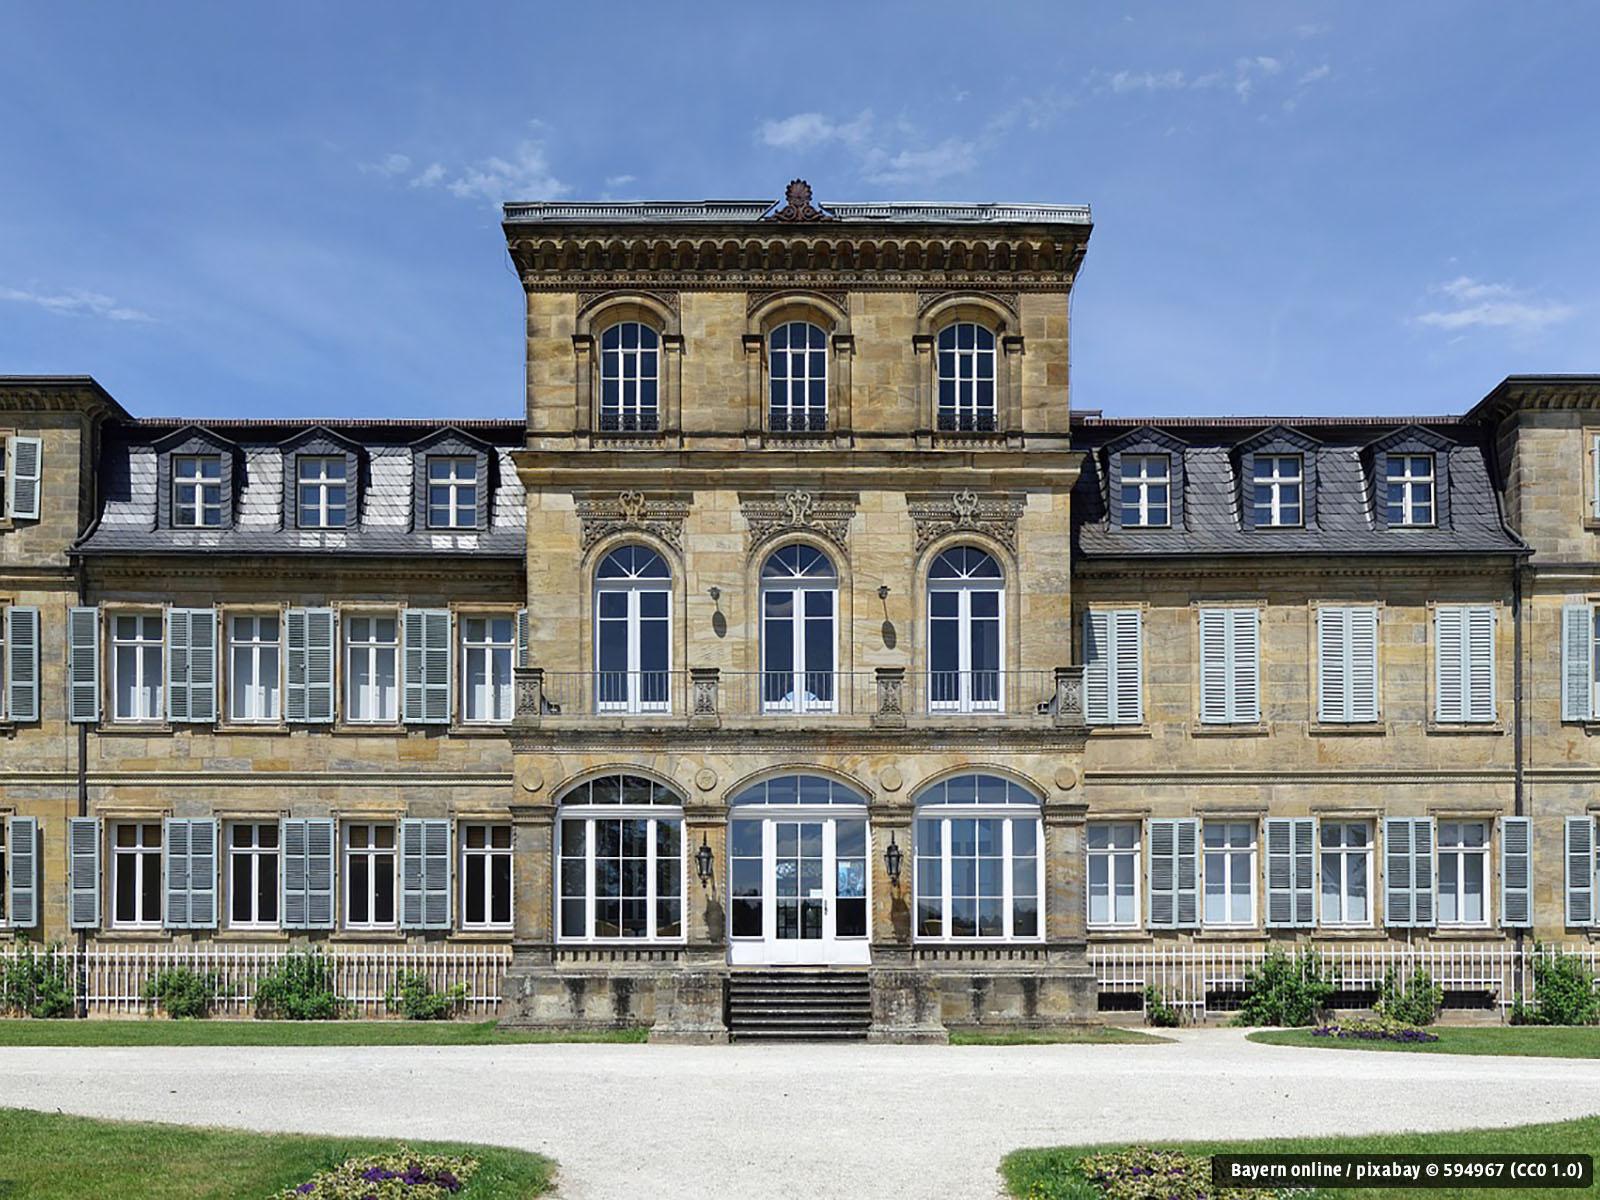 Bayreuth Schloss Fantaisie